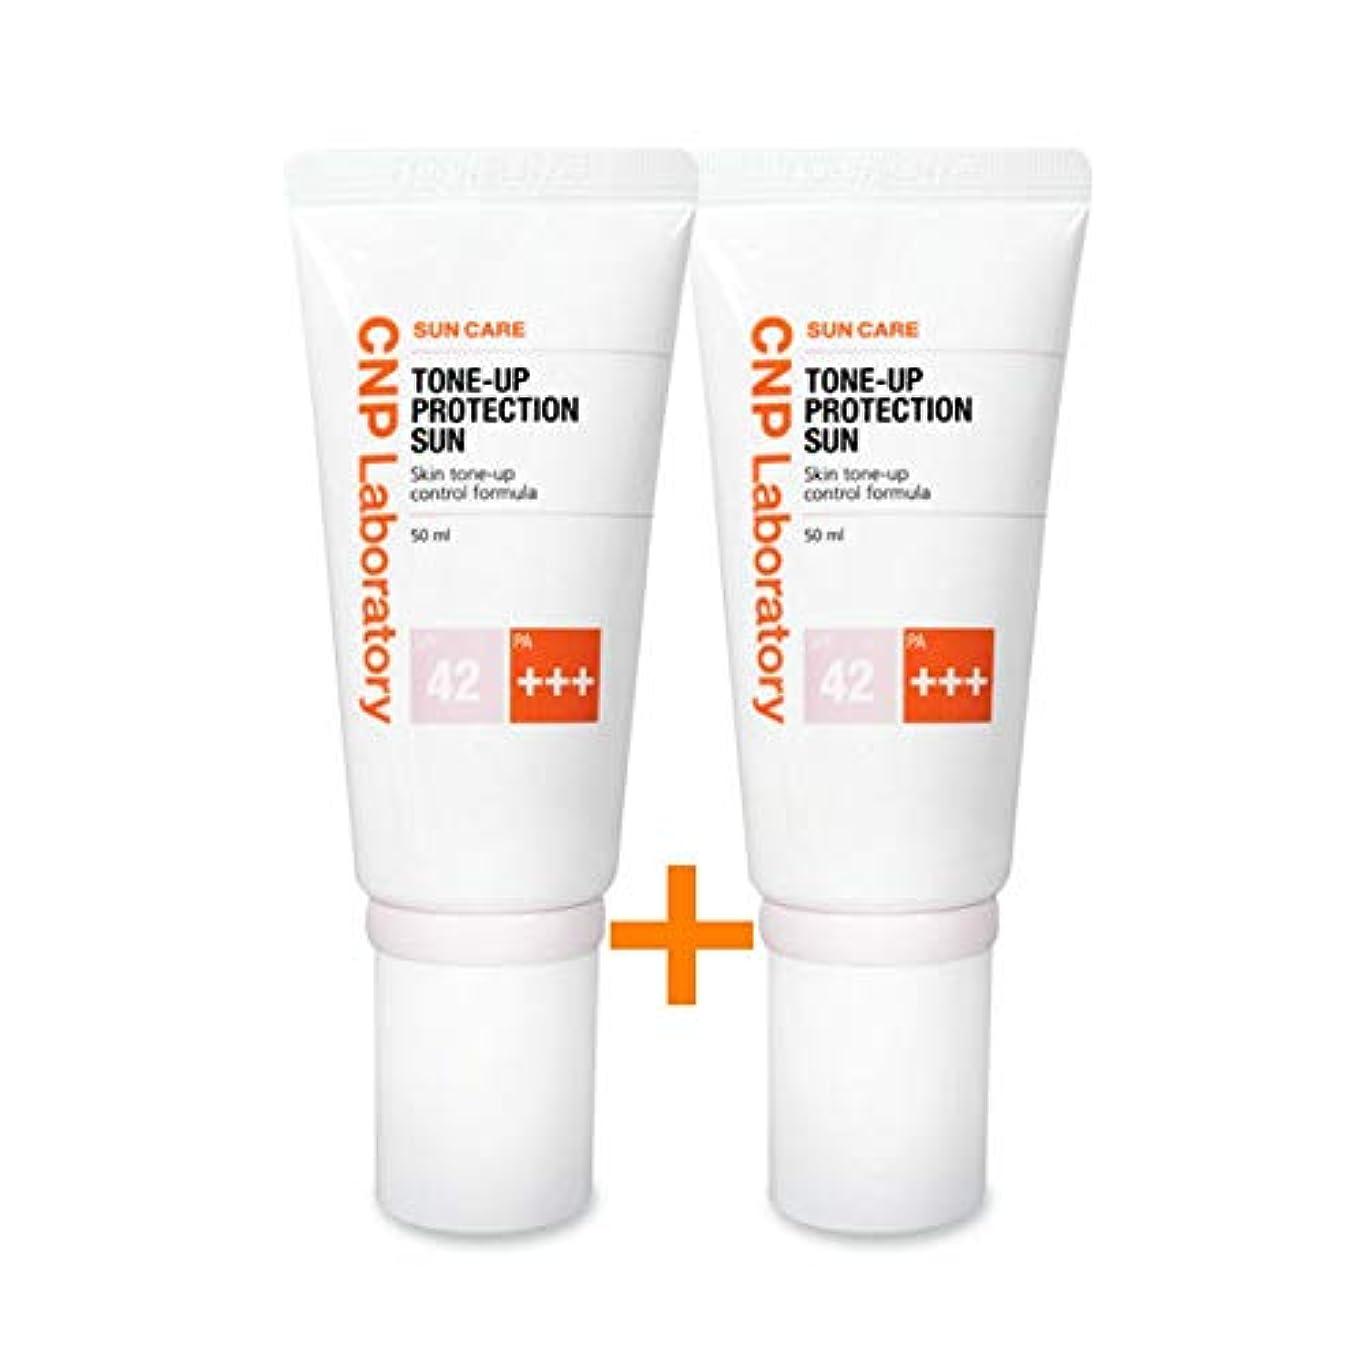 物理的に排気準備した[ 1 + 1 ] CNPトンオププロテクションサン?クリーム紫外線遮断剤 (SPF42 / PA+++) 50ml、CNP Tone-up Protection Sun Cream (SPF42 / PA+++) 50ml...